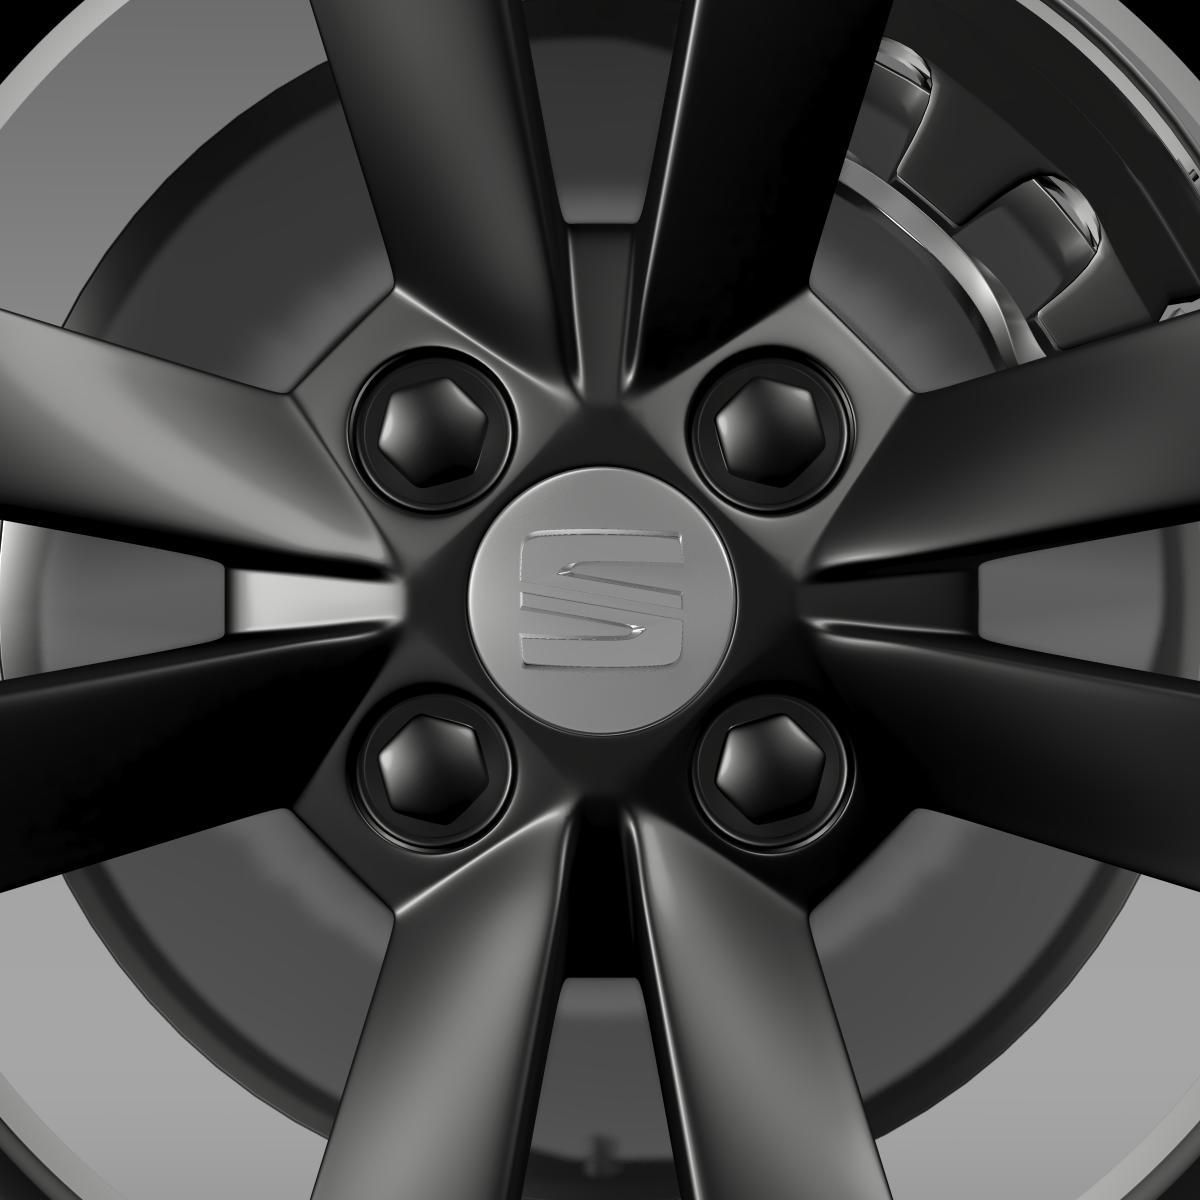 seat mii vibora negra wheel 3d model 3ds max fbx c4d lwo ma mb hrc xsi obj 210846